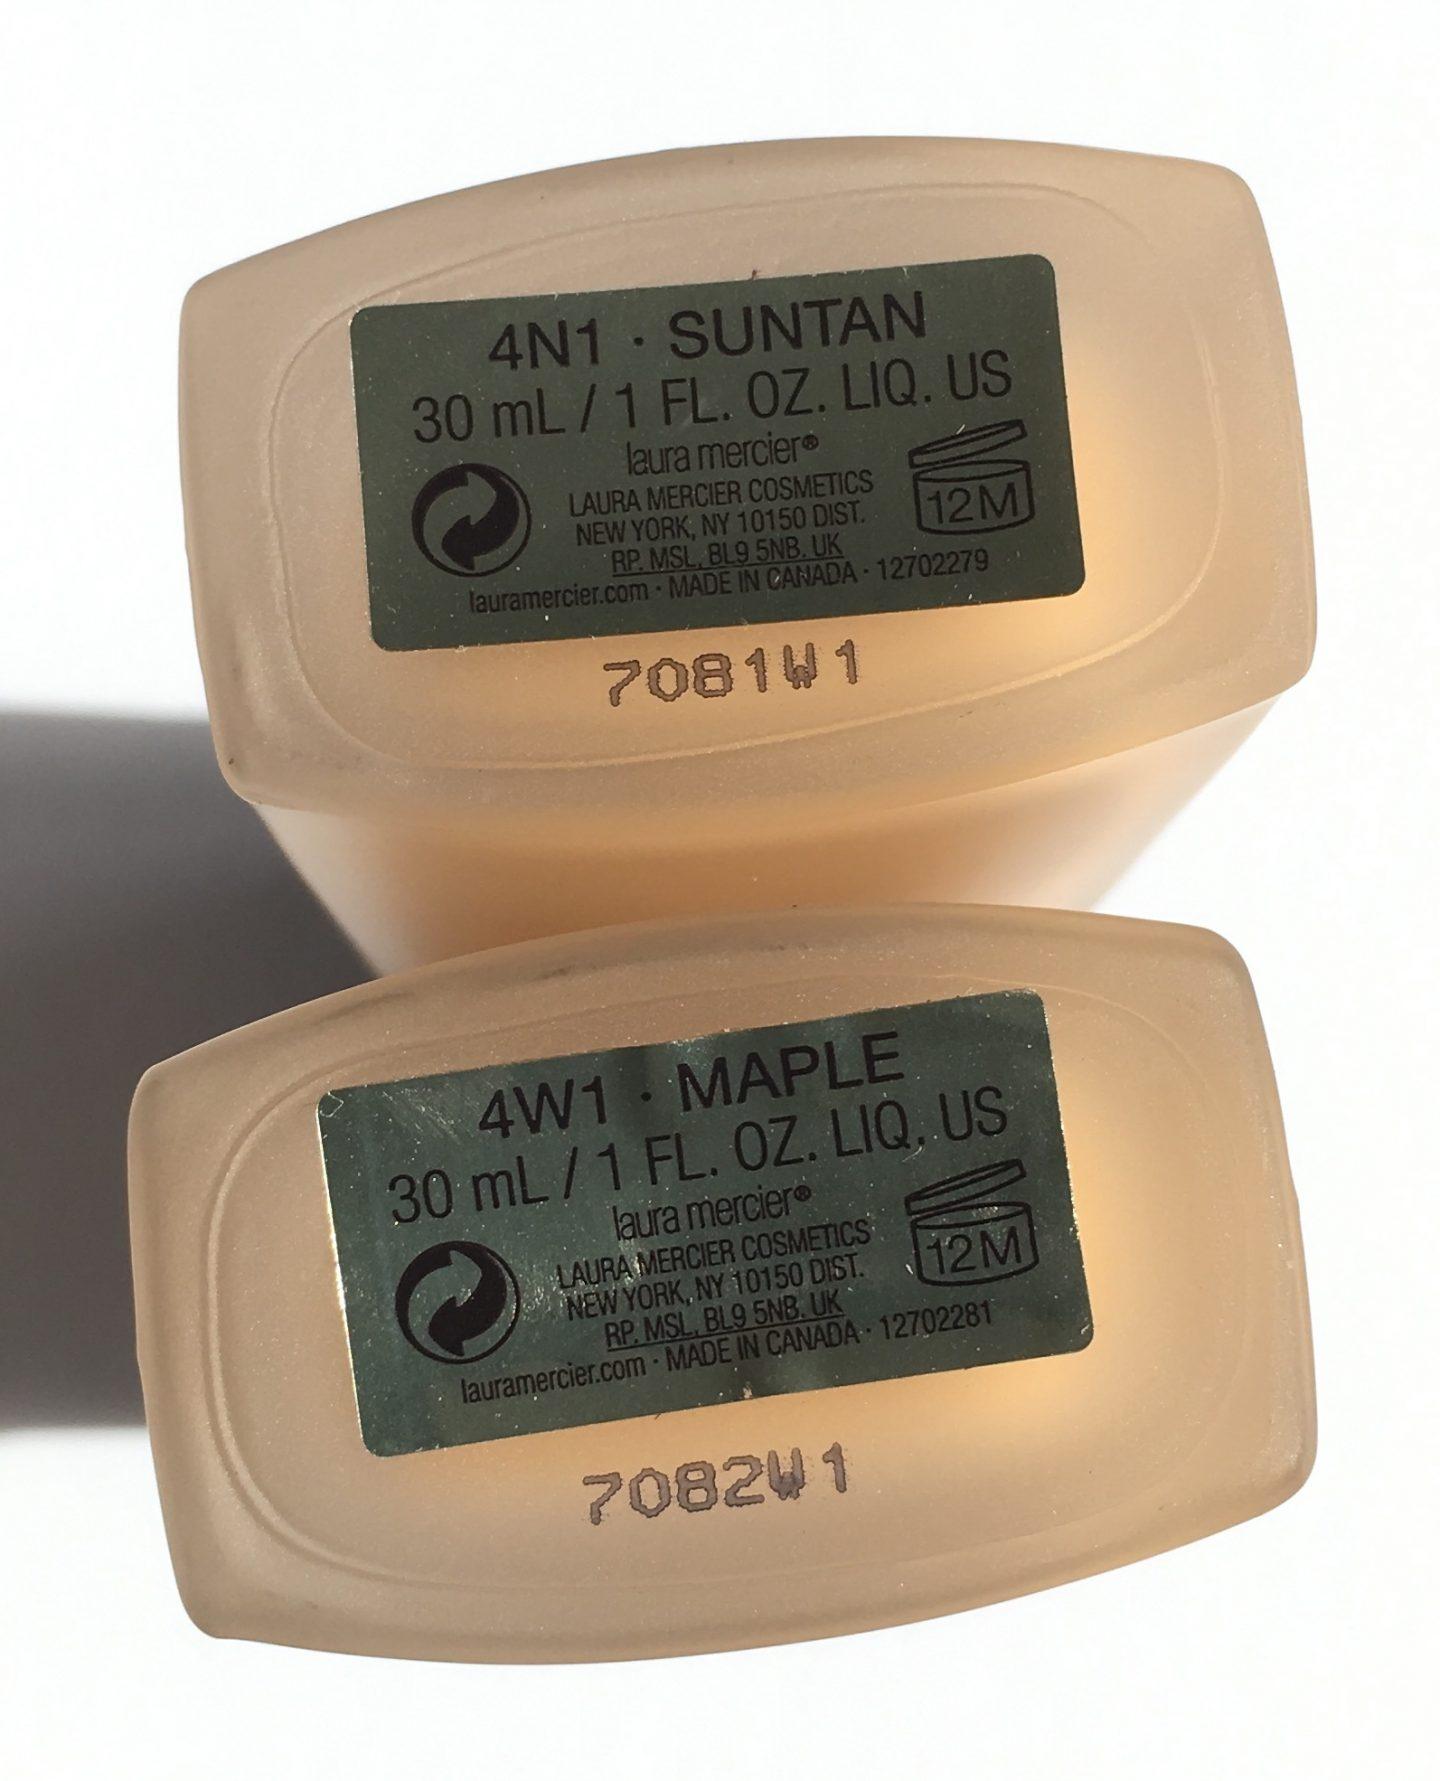 EB77DB79-BBDD-4993-8021-9E7985D1635F